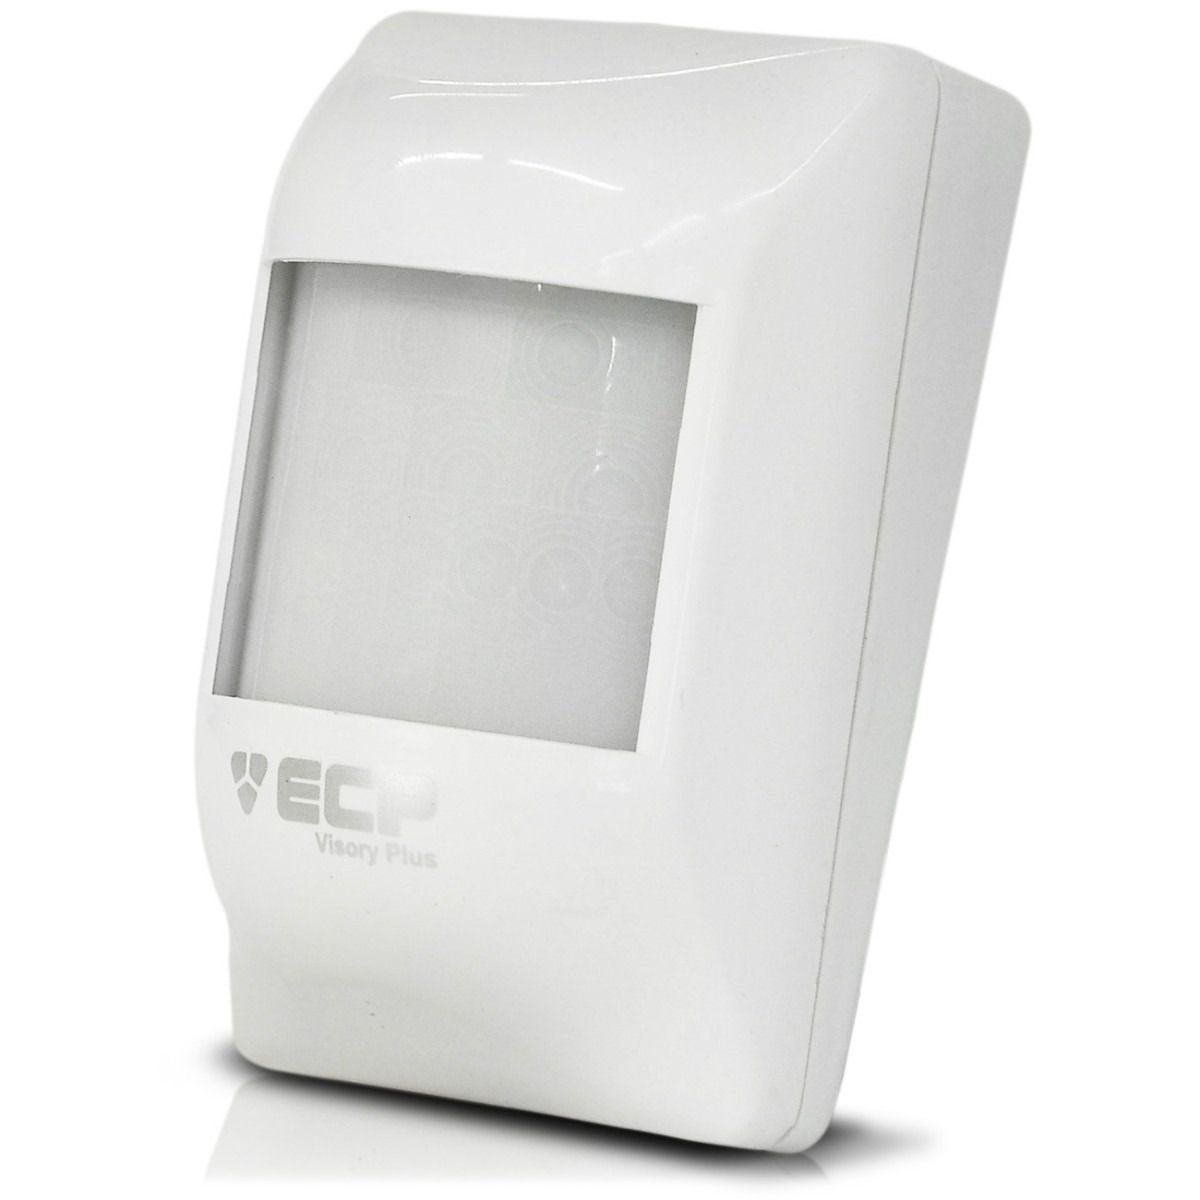 Sensor Infra Digital Com Fio Visory Plus Digital Ecp